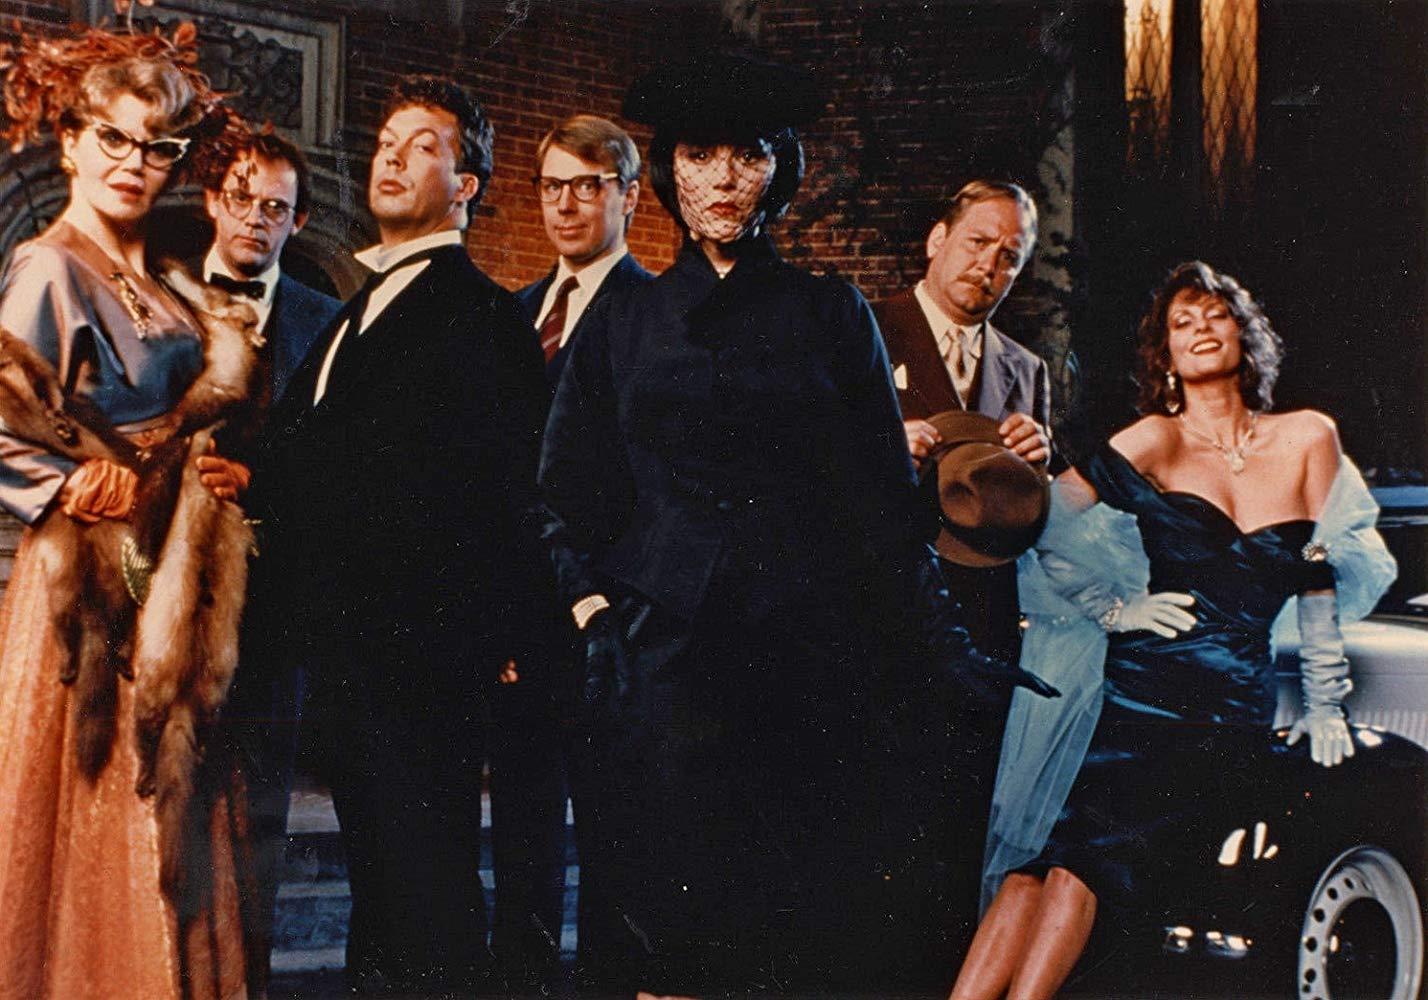 مشاهدة فيلم Clue 1985 HD مترجم كامل اون لاين